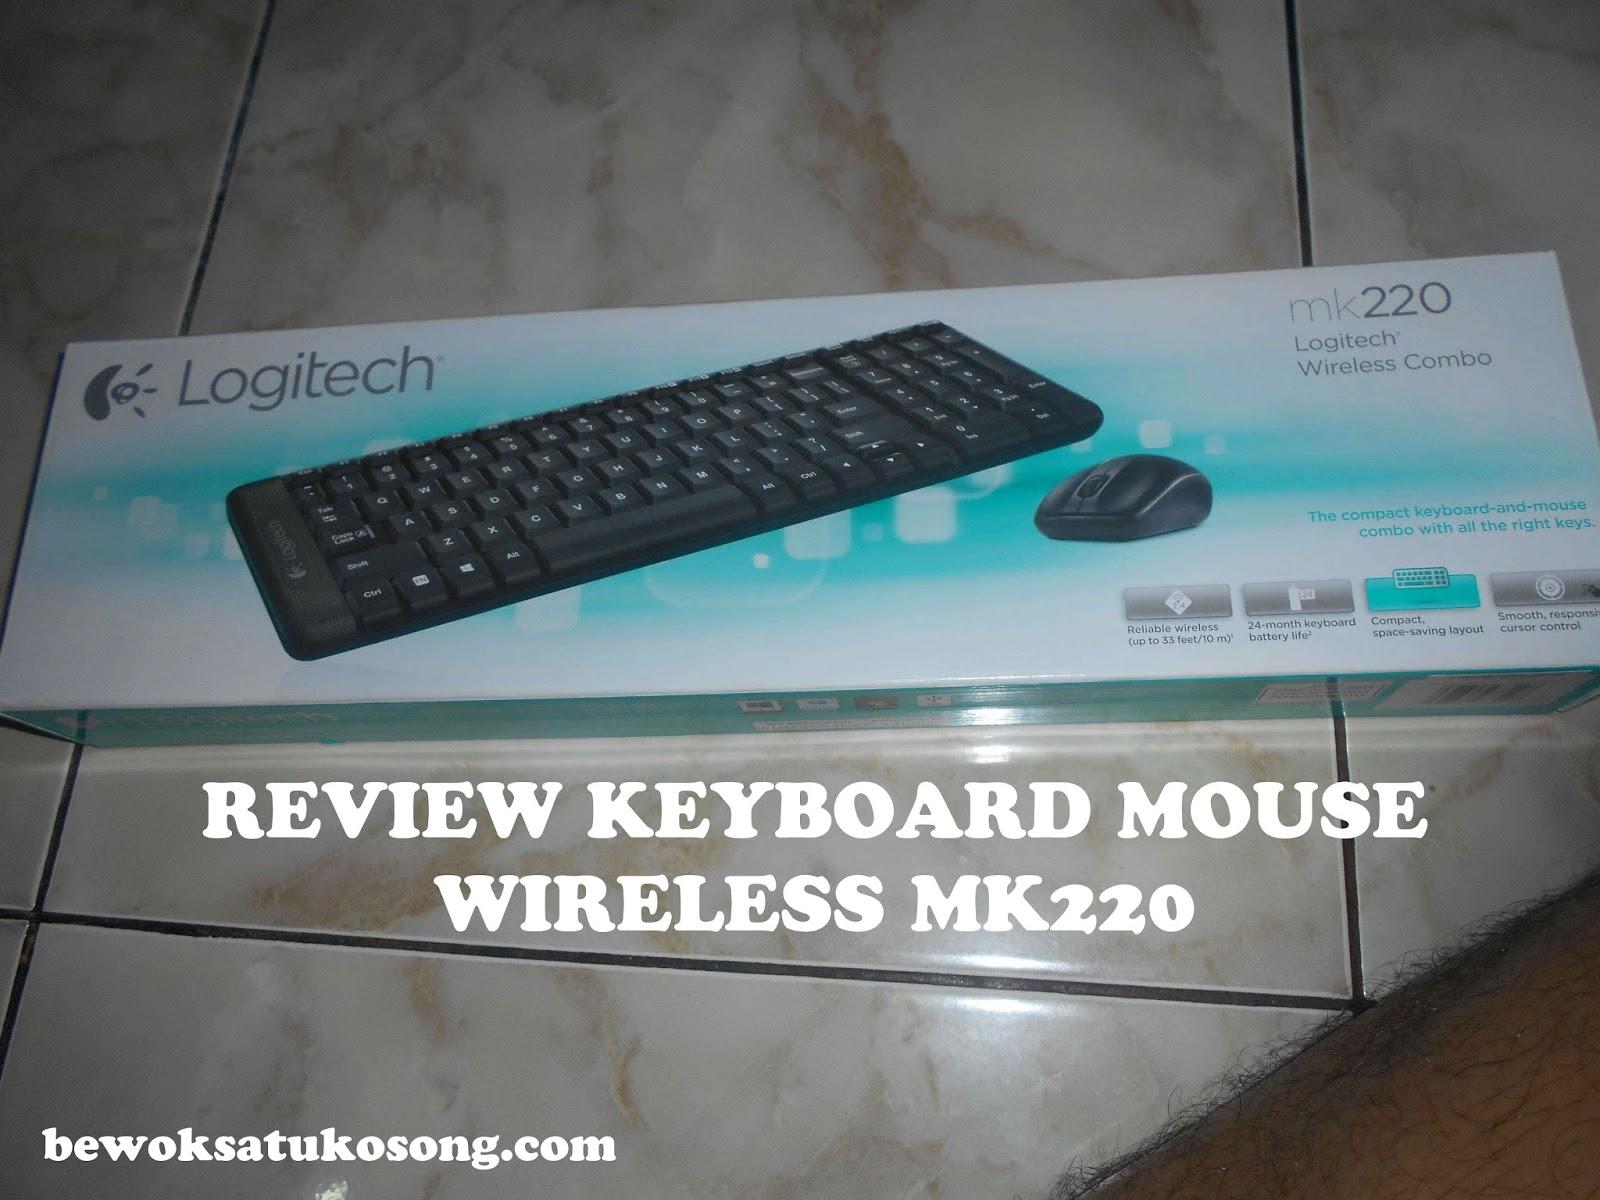 Review Keyboard Dan Mouse Wireless Logitech Mk220 Bewok Tekno Halo Balik Dengan Om Kali Ini Bakal Ngereview Mengenai Merk Mk 220 Jadi 1 Paket Loh Mempunyai